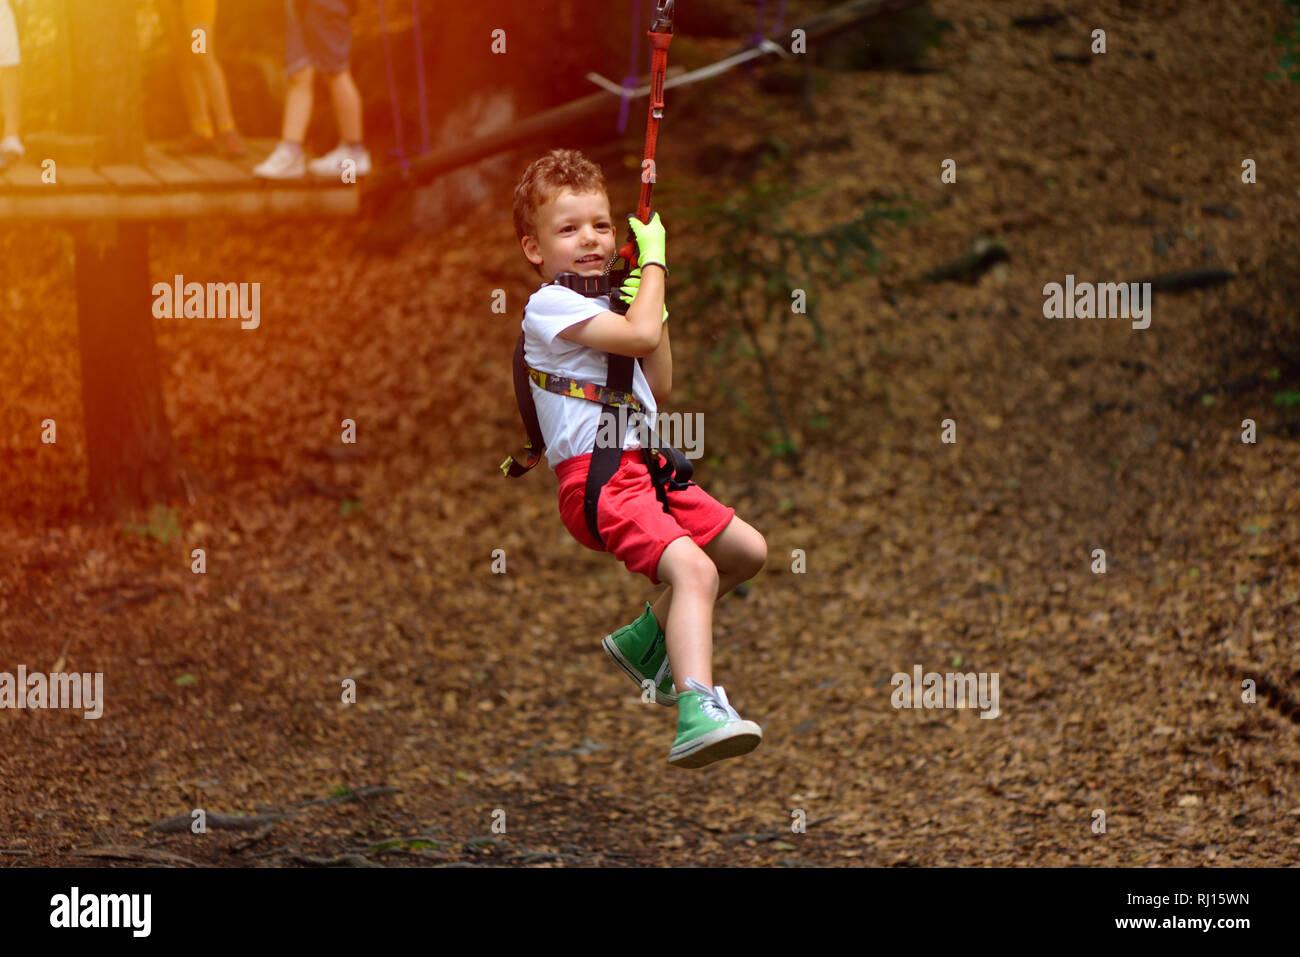 Klettergurt Mit Helm : Glückliches kind mit helm und klettergurt auf zip line zwischen